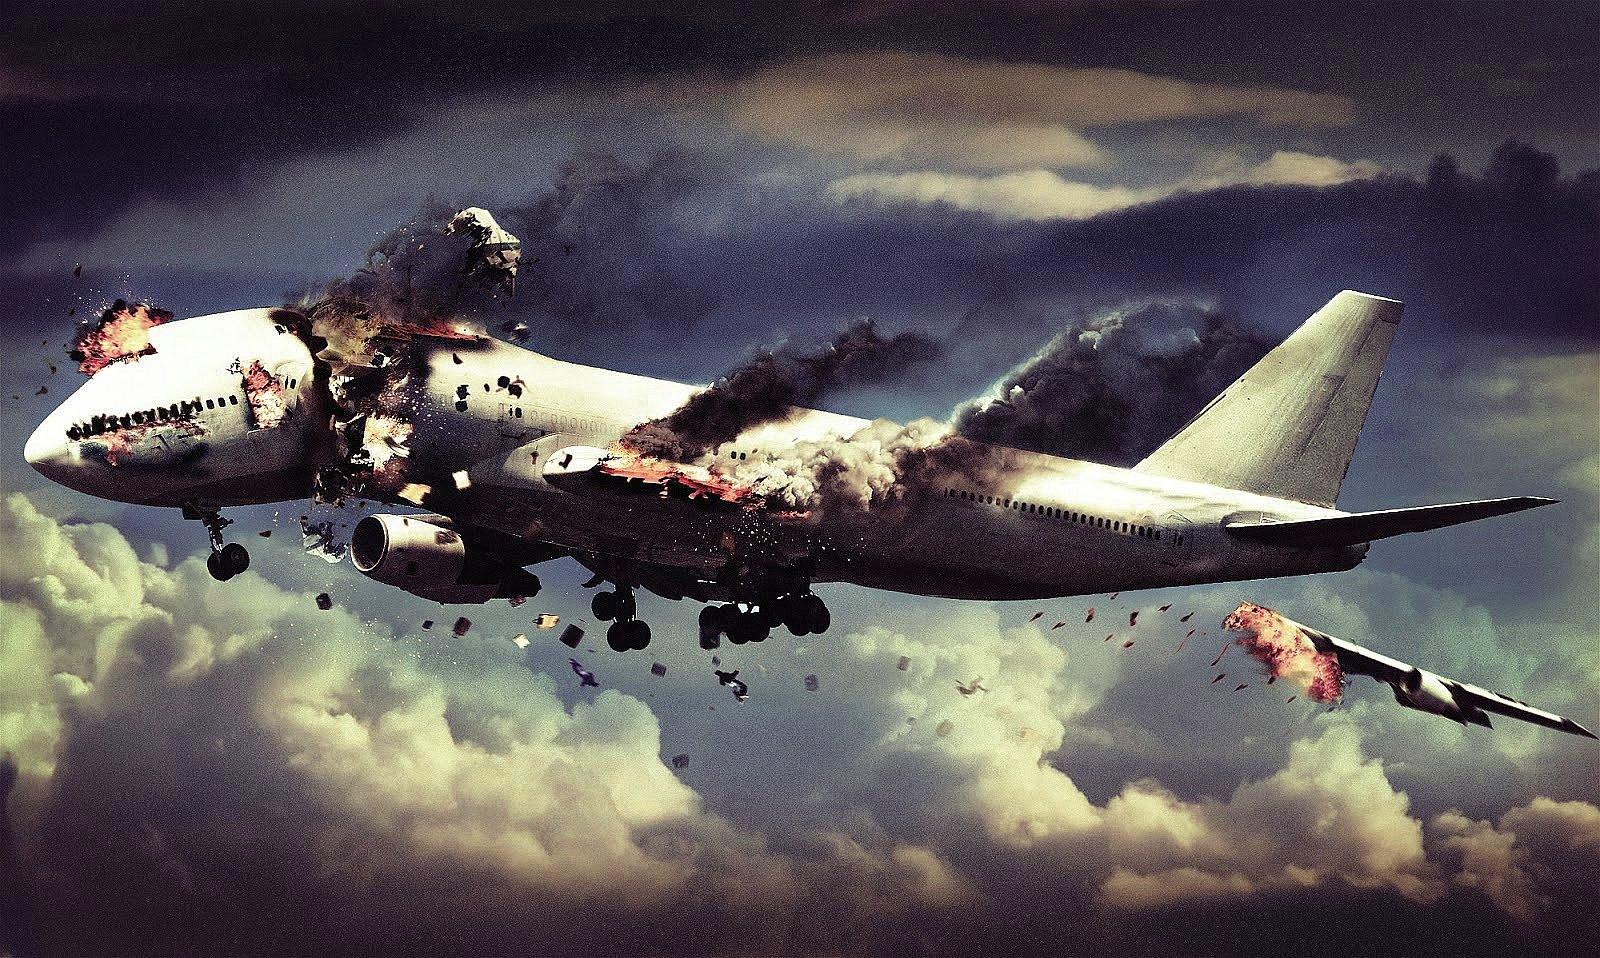 Havacılıkta Kaza Tipleri